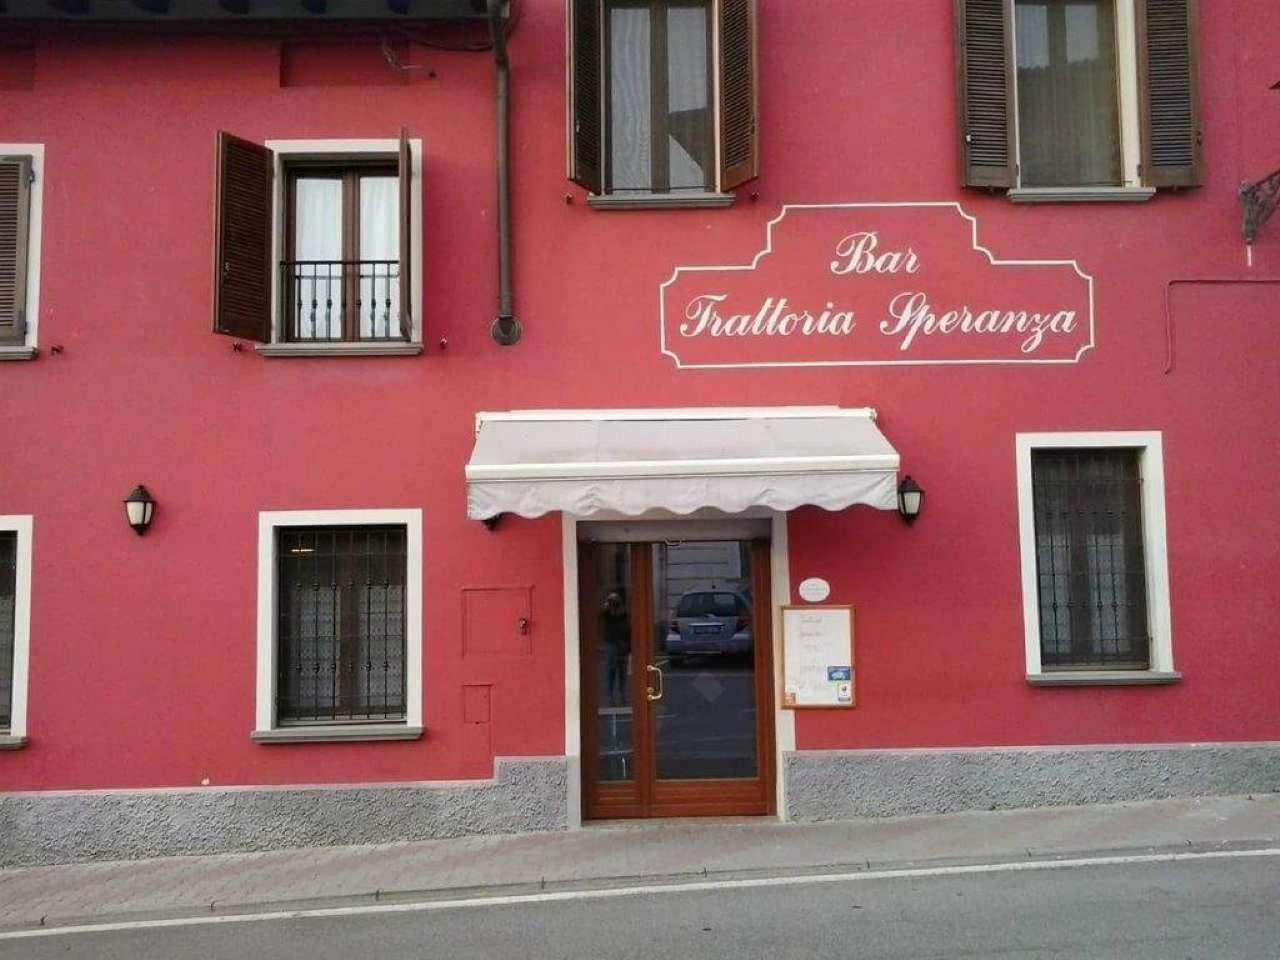 Ristorante / Pizzeria / Trattoria in vendita a Montodine, 3 locali, prezzo € 85.000 | CambioCasa.it